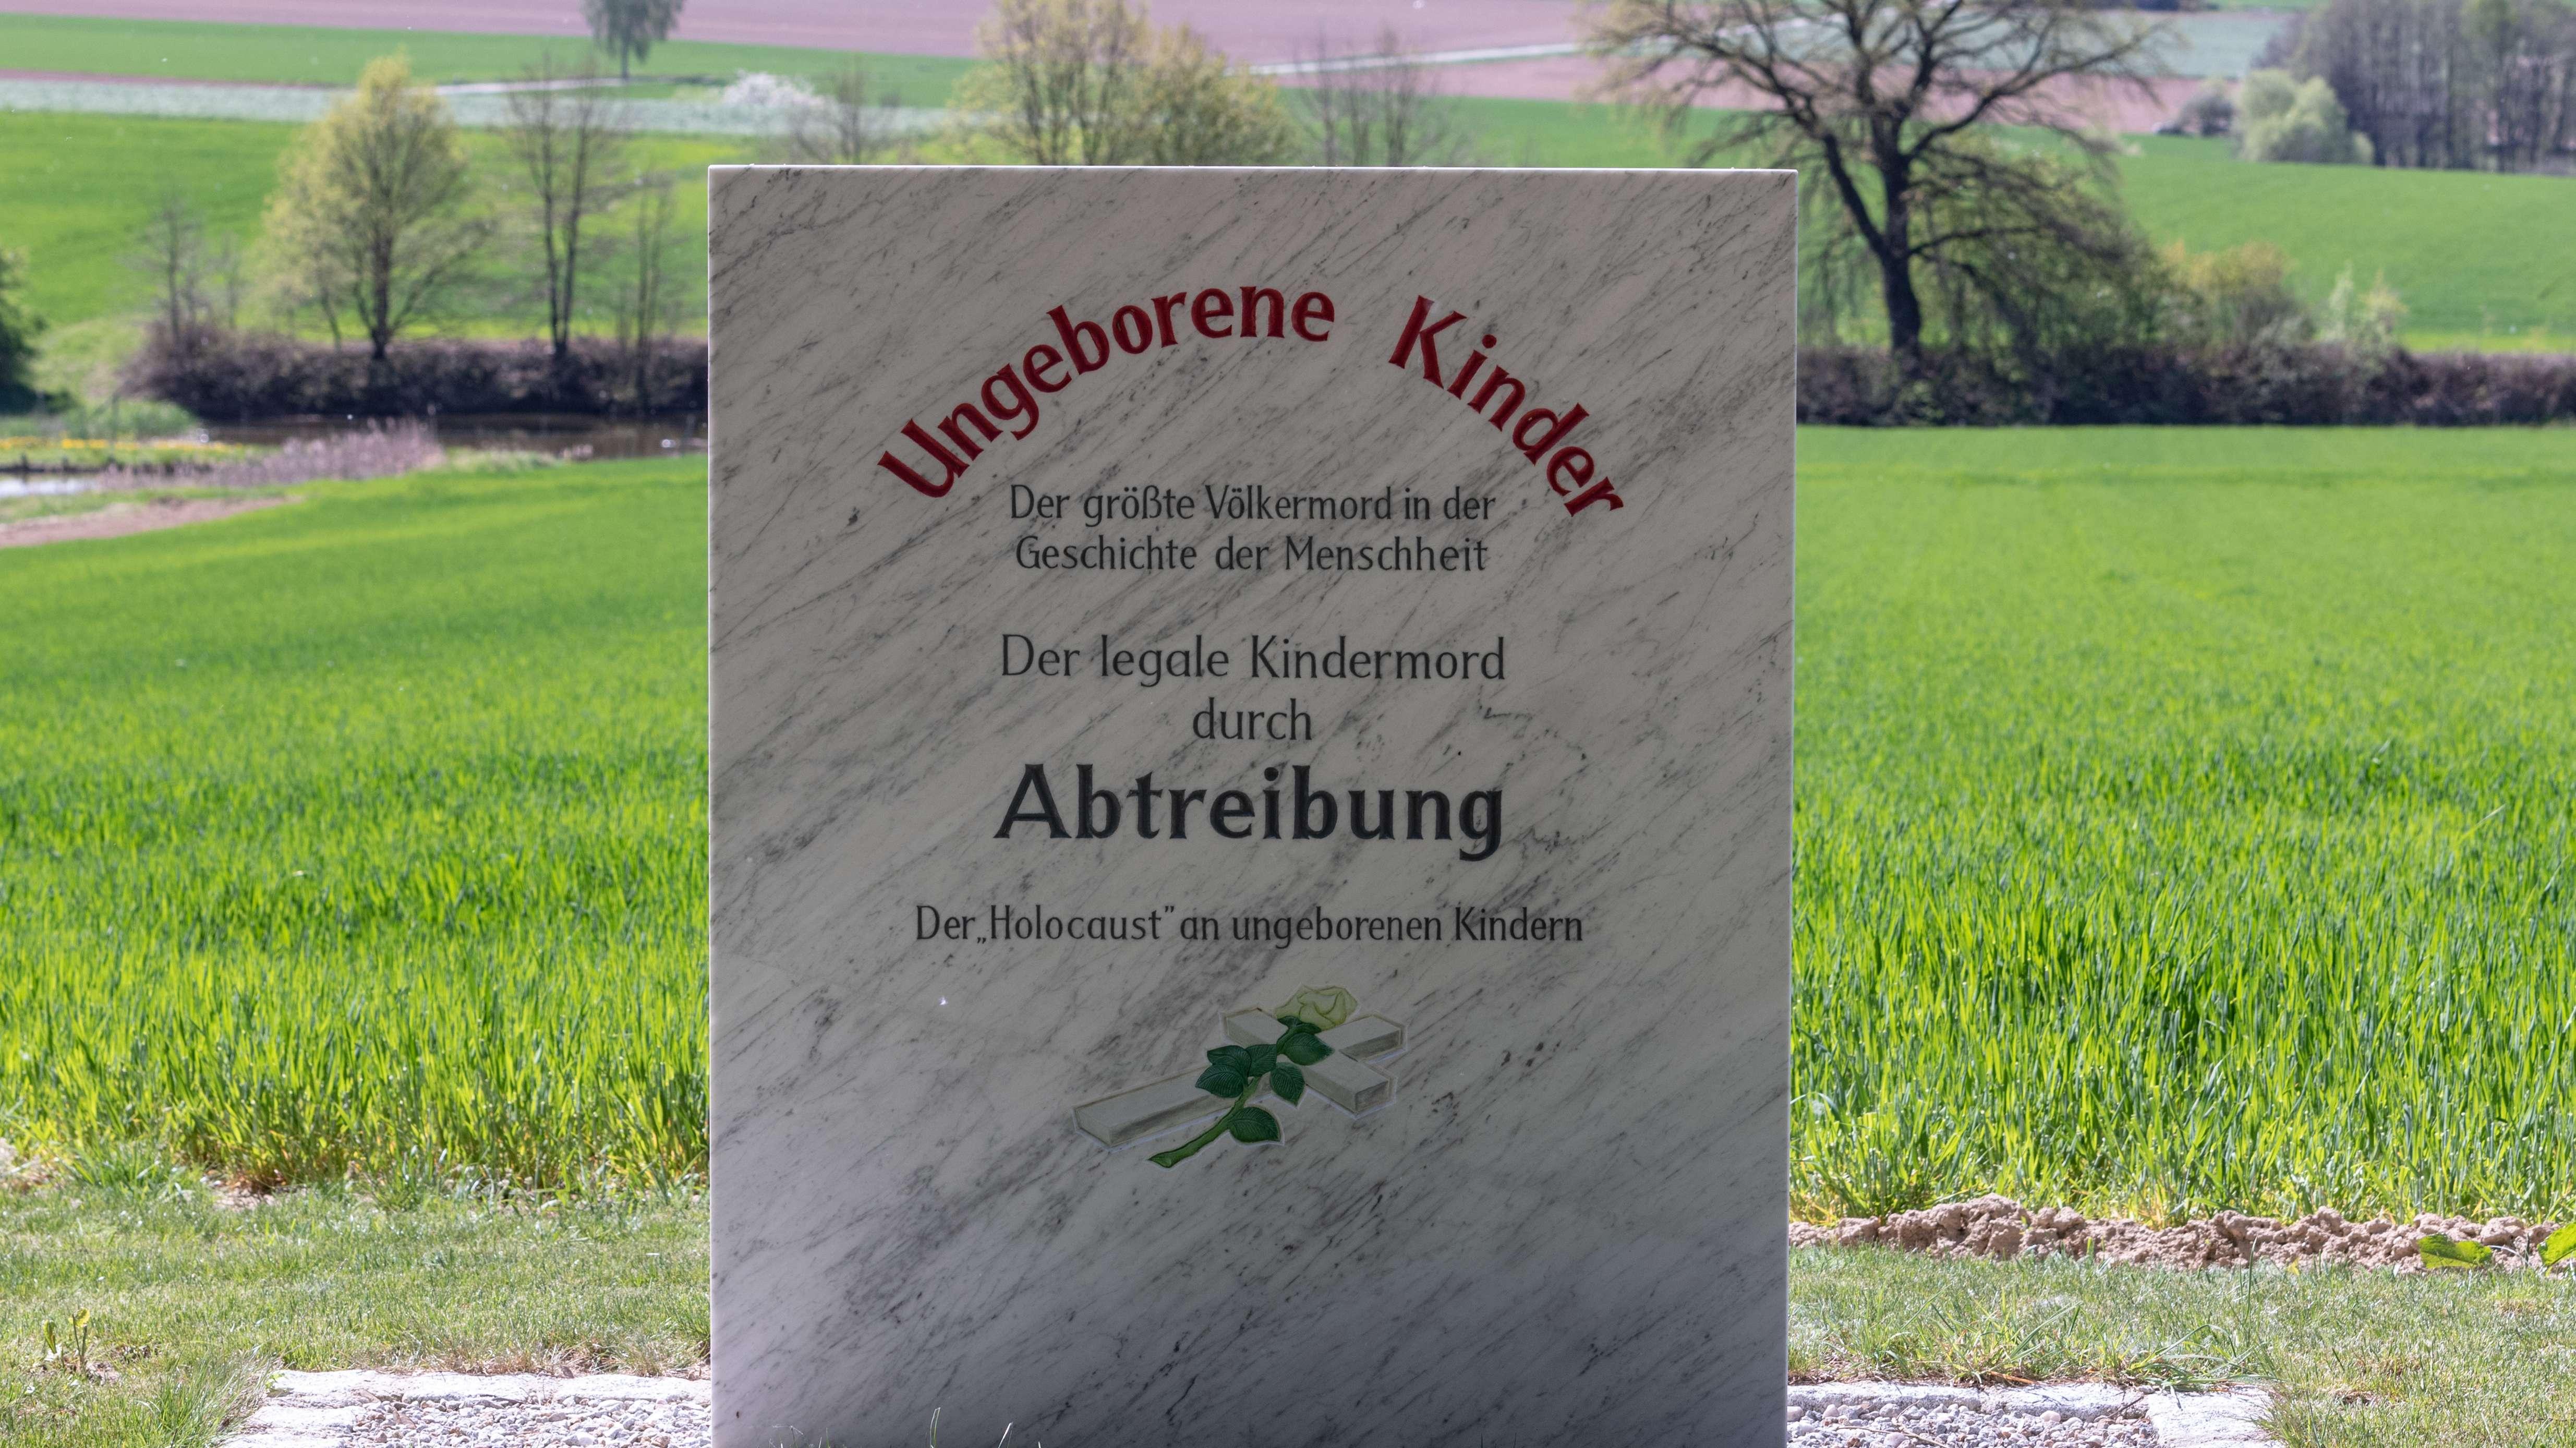 Ein Landwirt in Pösing im Landkreis Cham in der Oberpfalz vergleicht in der von ihm privat betriebenen Kapelle Abtreibung mit dem Holocaust und rückt trotz aller öffentlicher Empörung davon nicht ab